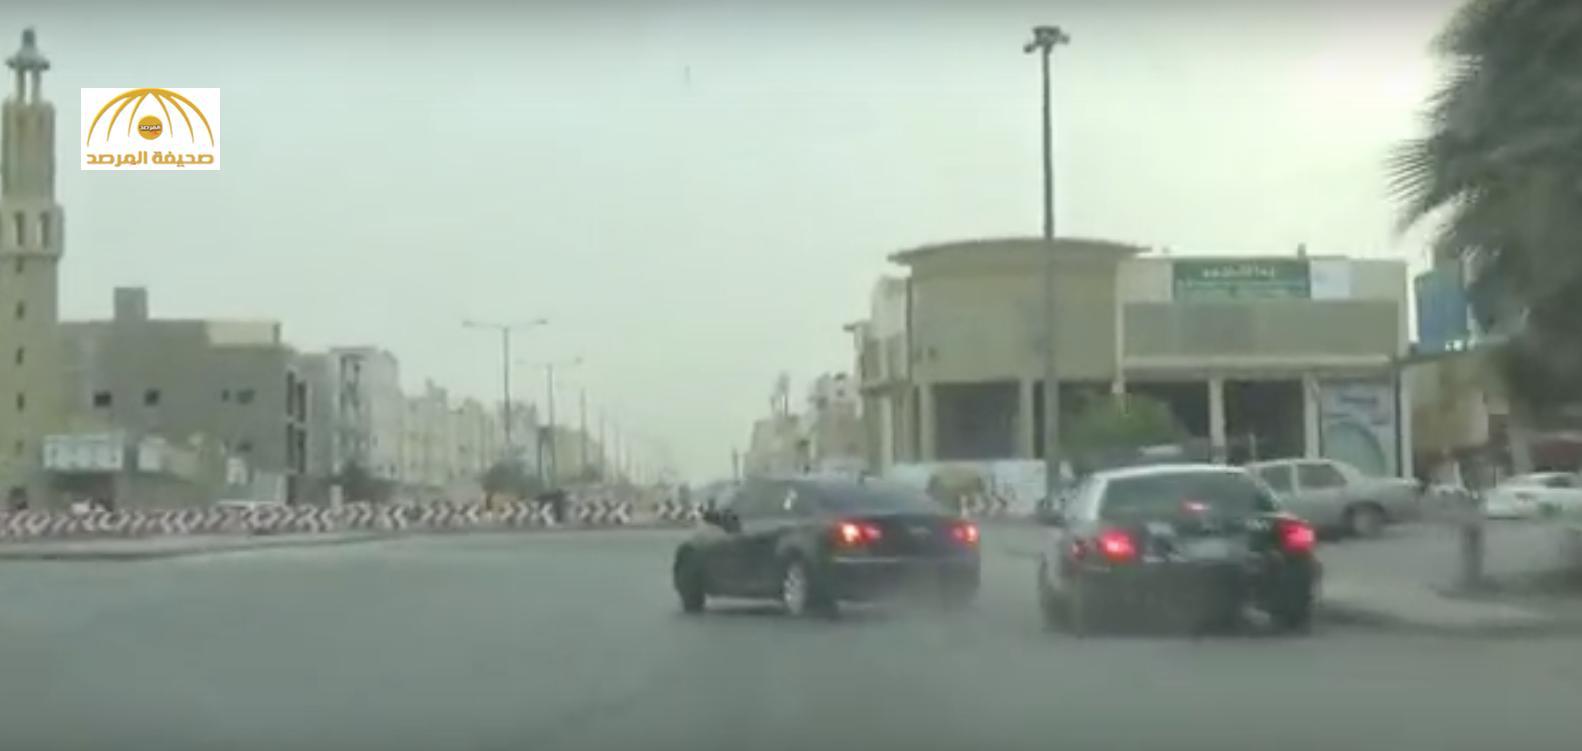 شاهد:شاب يفحط أمام دورية في الرياض